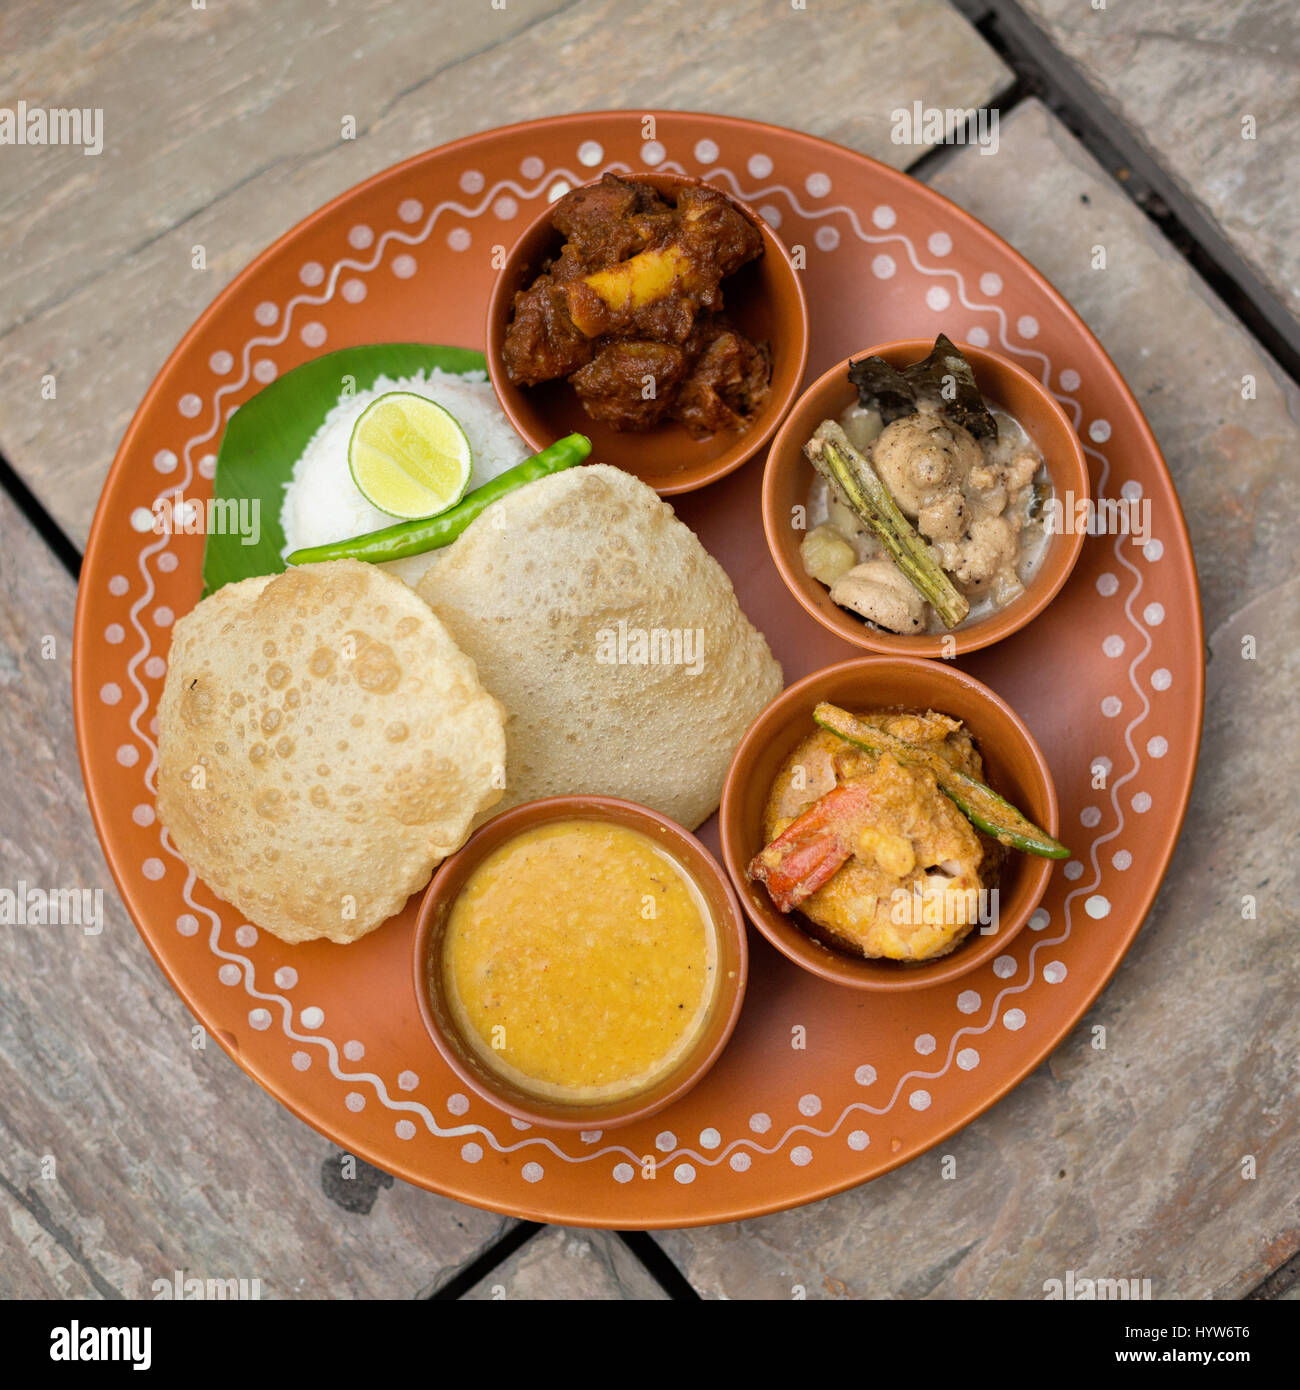 Bengali Non Vegetarian Thali Stock Photo: 137622470 - Alamy